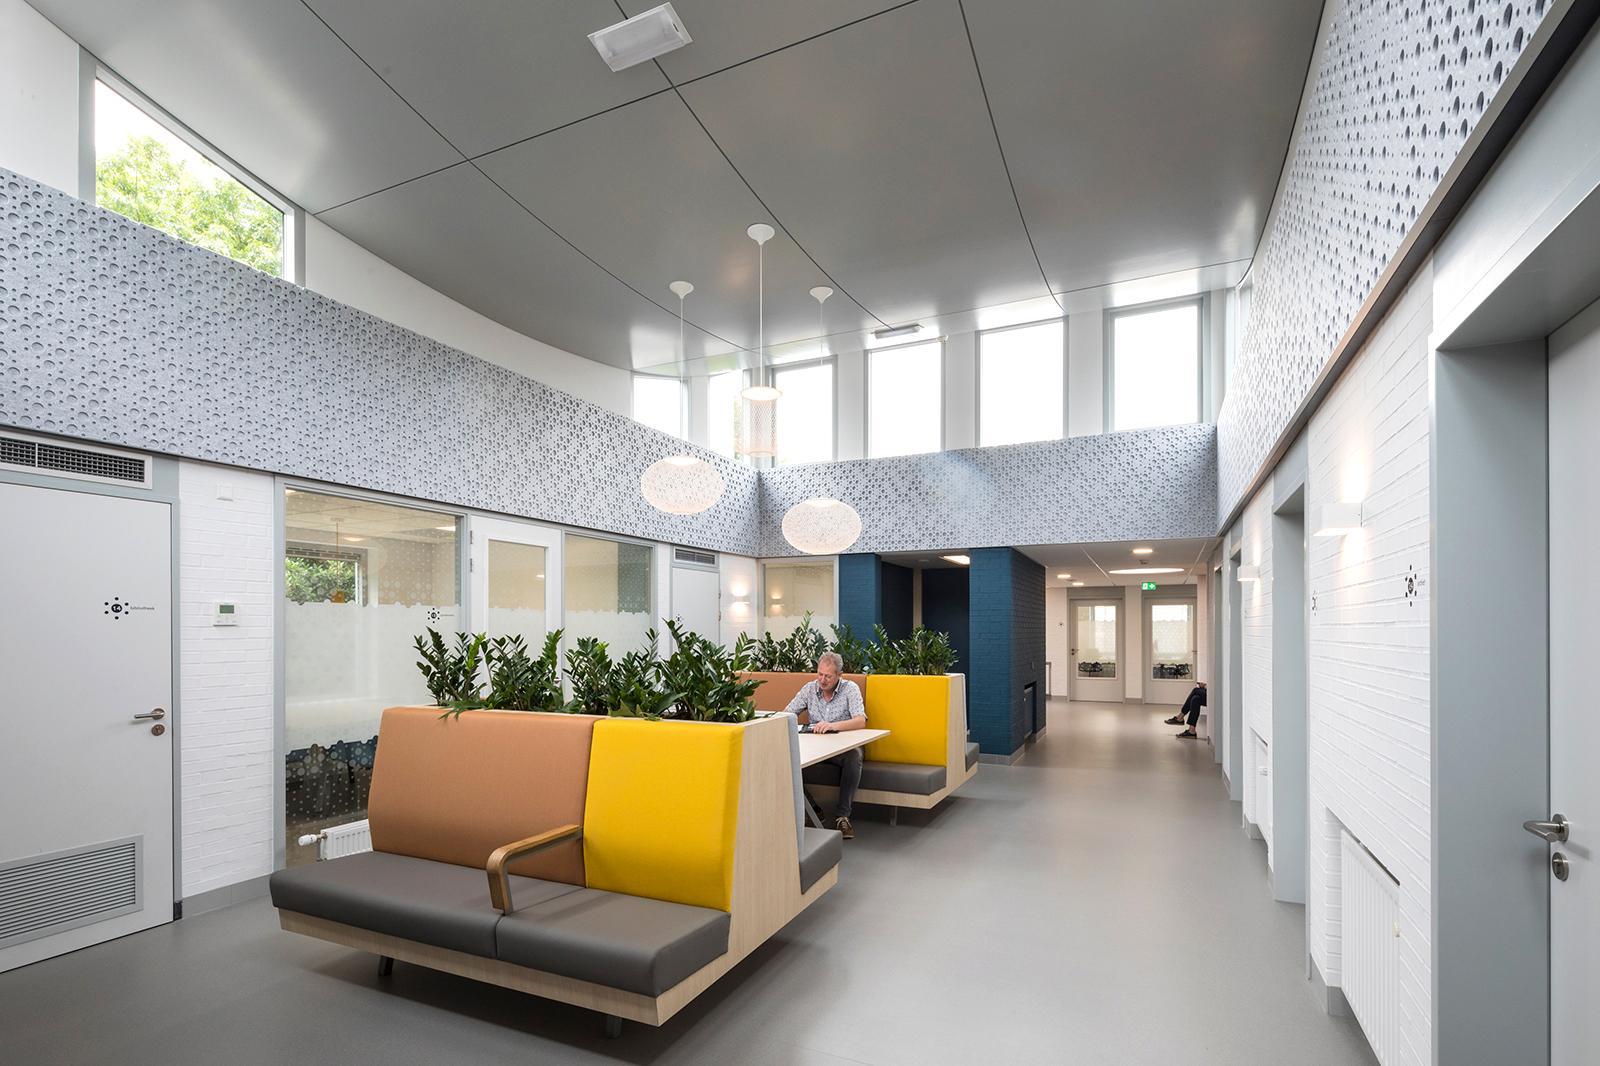 Medisch-Centrum-middenruimte-2